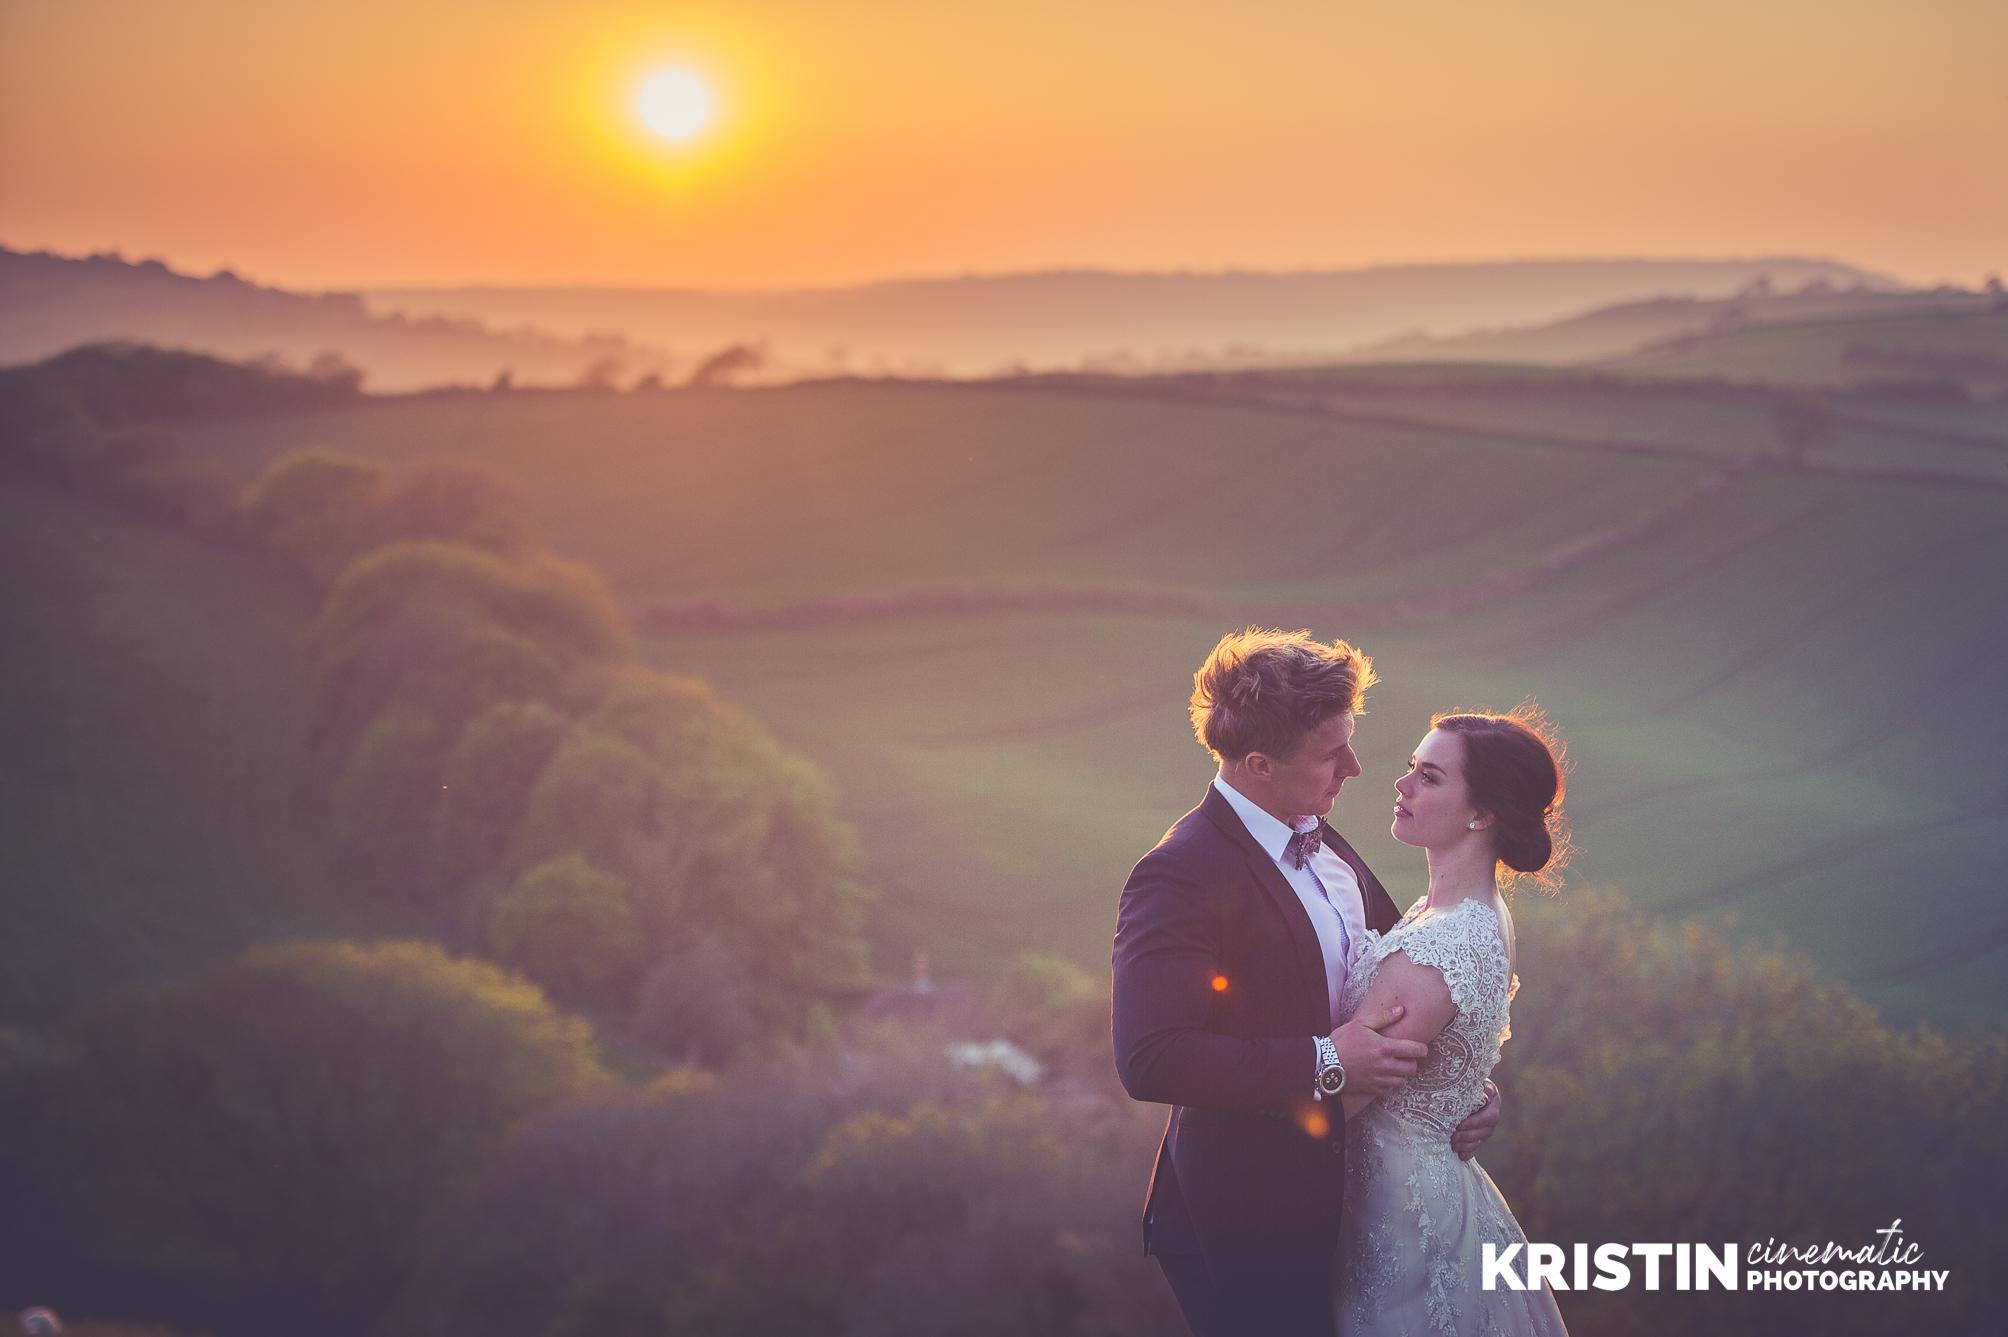 Bröllopsfotograf i Eskilstuna Kristin - Photography-2-2.jpg